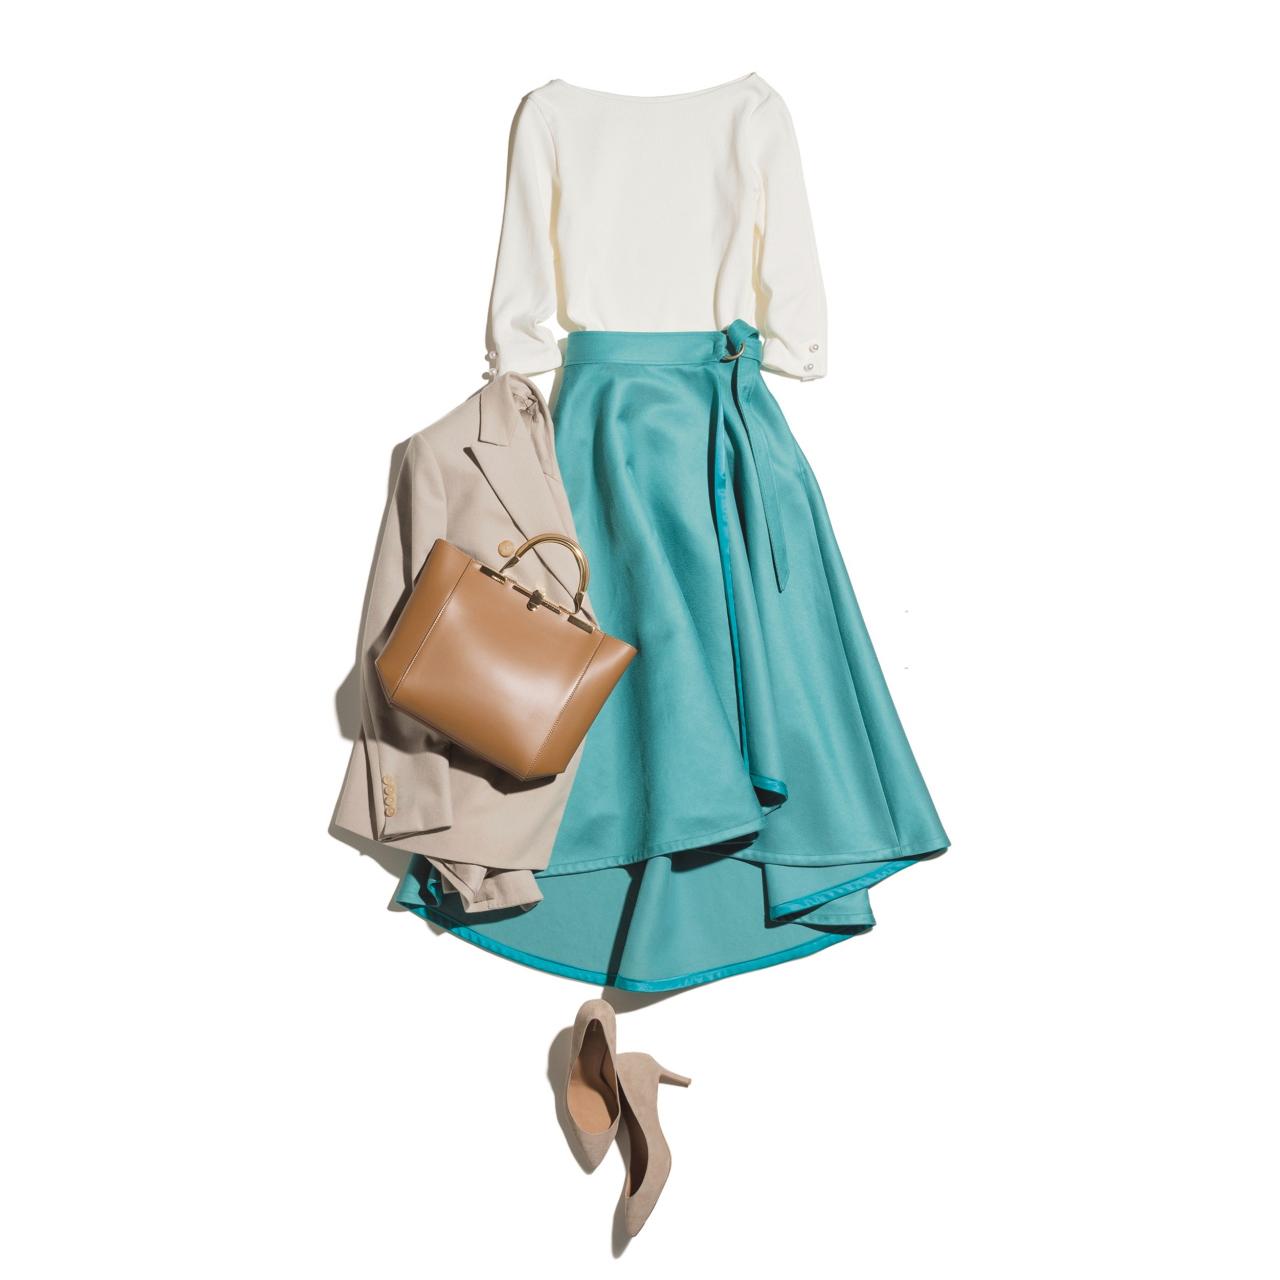 ジャケット×ターコイズスカートのファッションコーデ